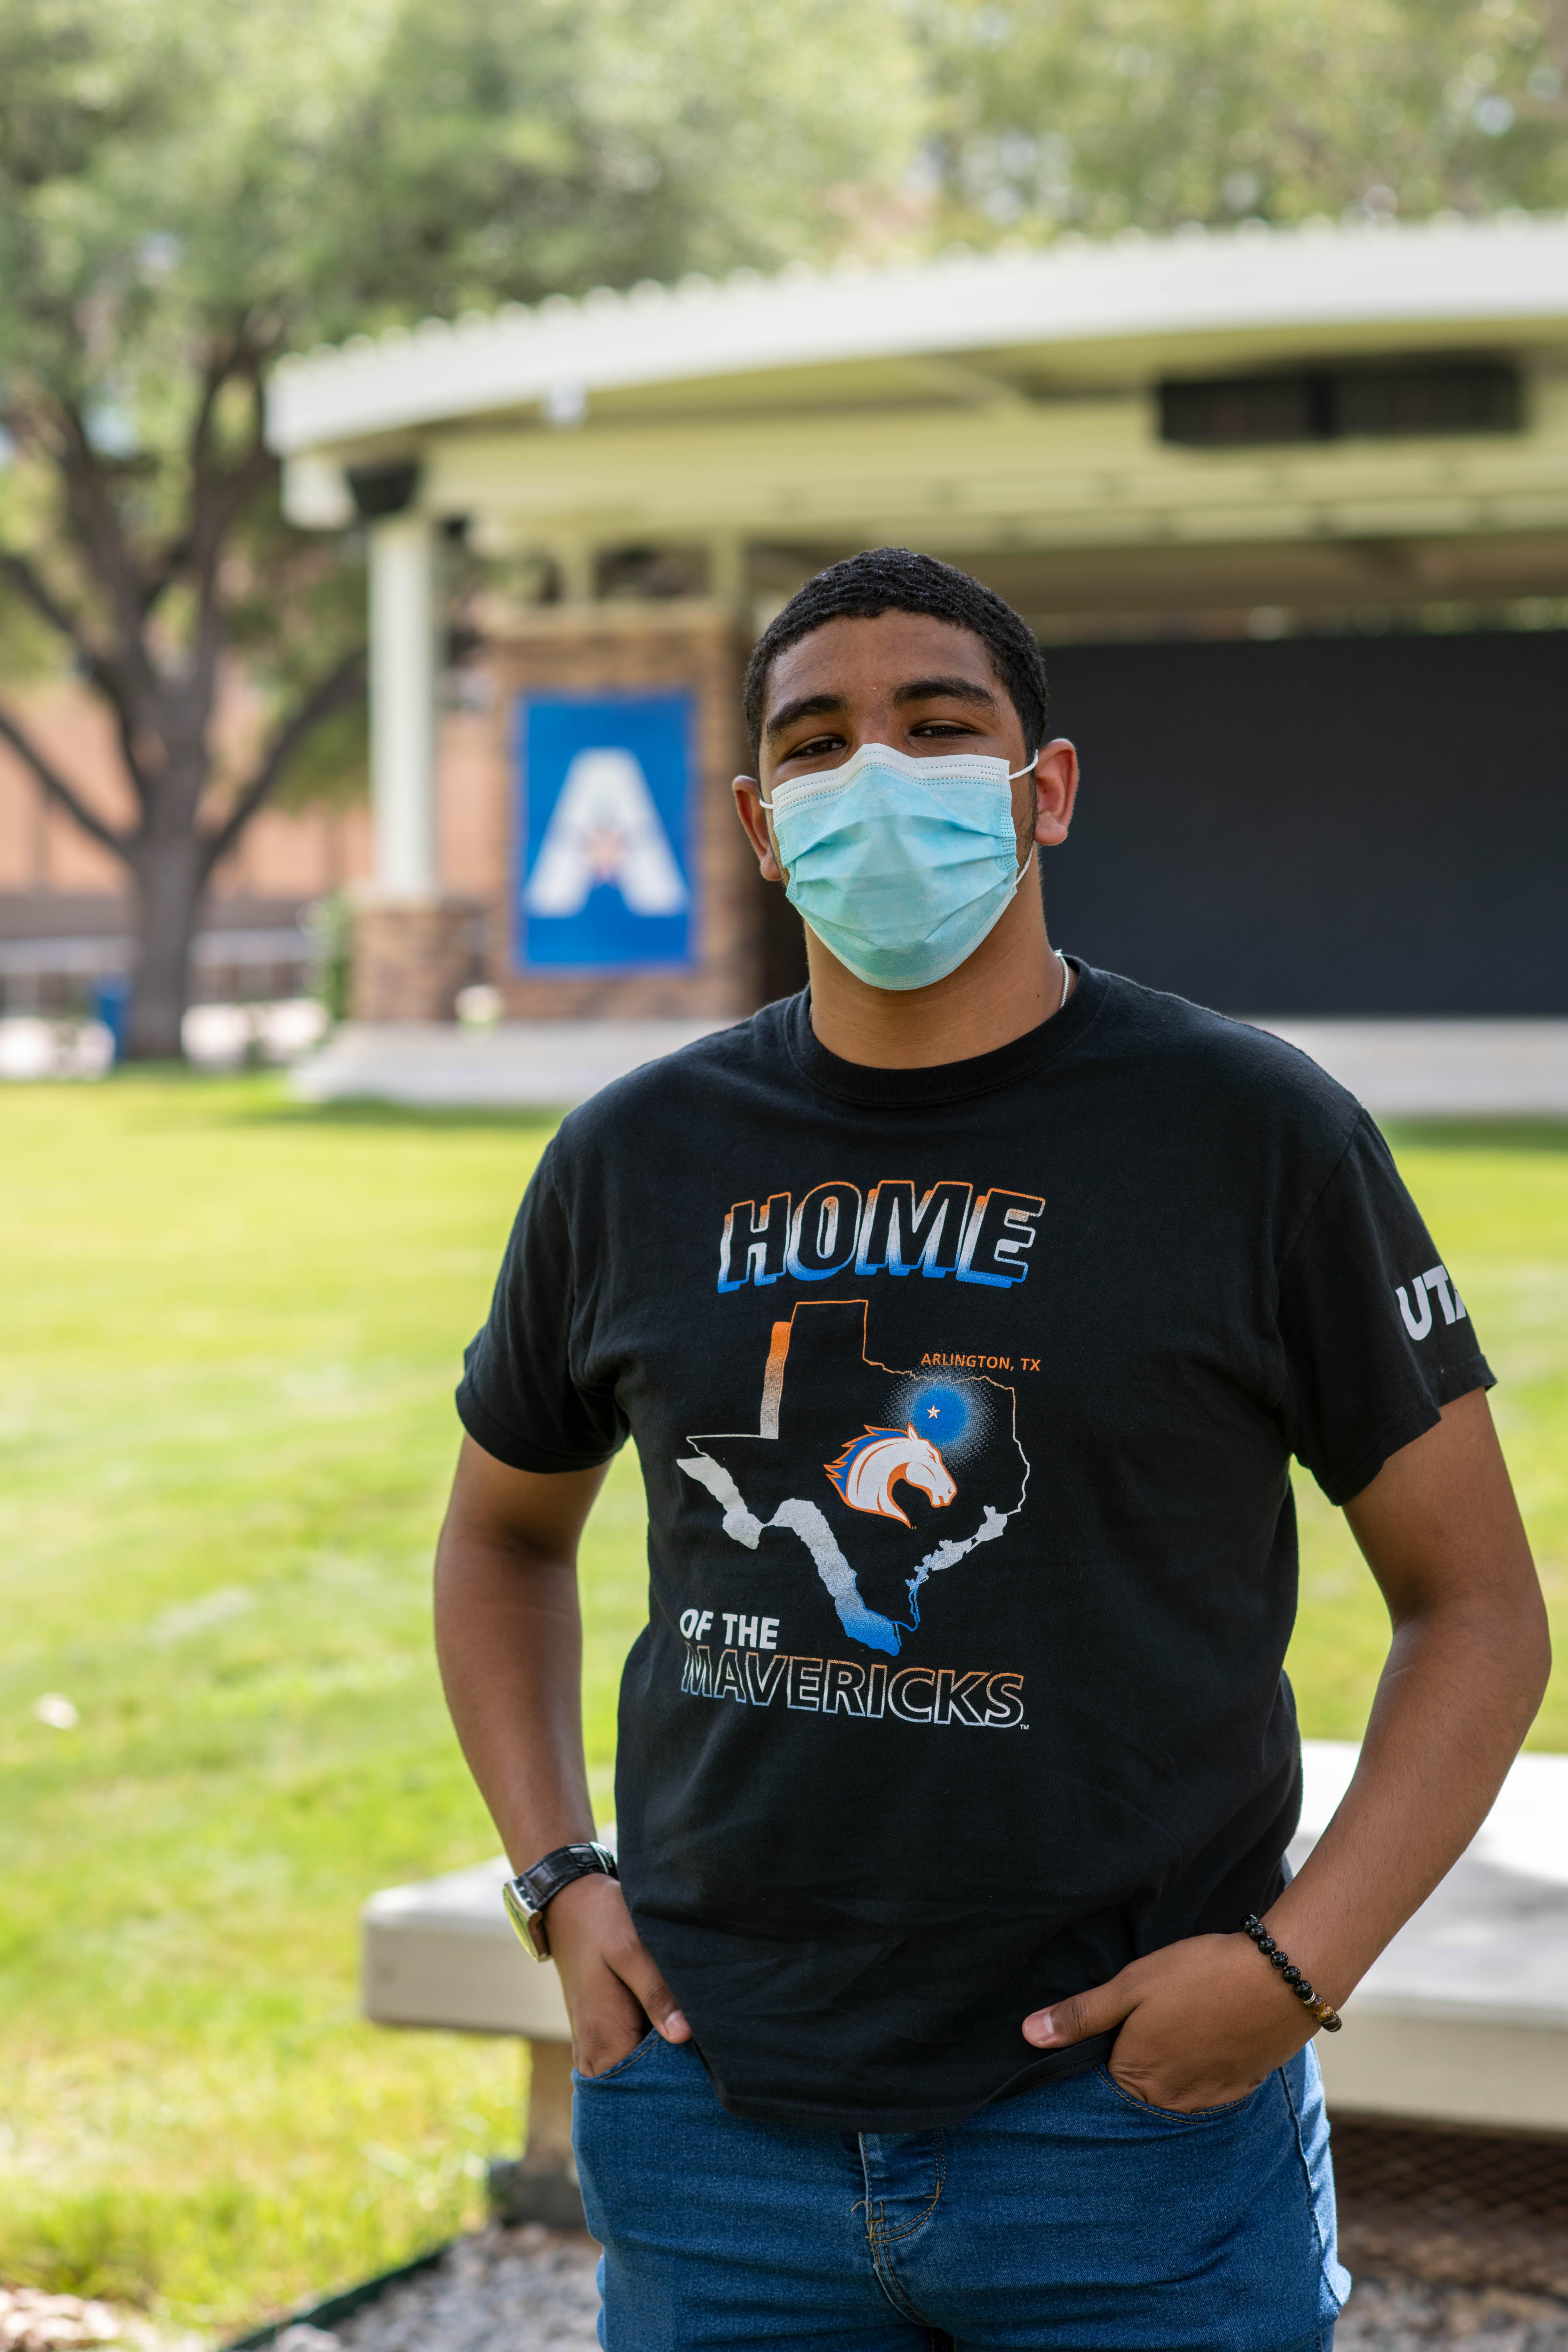 """UTA Student outside with a mask on"""" width=""""5504"""" _languageinserted=""""true"""" src=""""https://cdn.web.uta.edu/-/media/project/website/news/releases/2020/08/20200727_masks-outside_0675.ashx?la=en"""